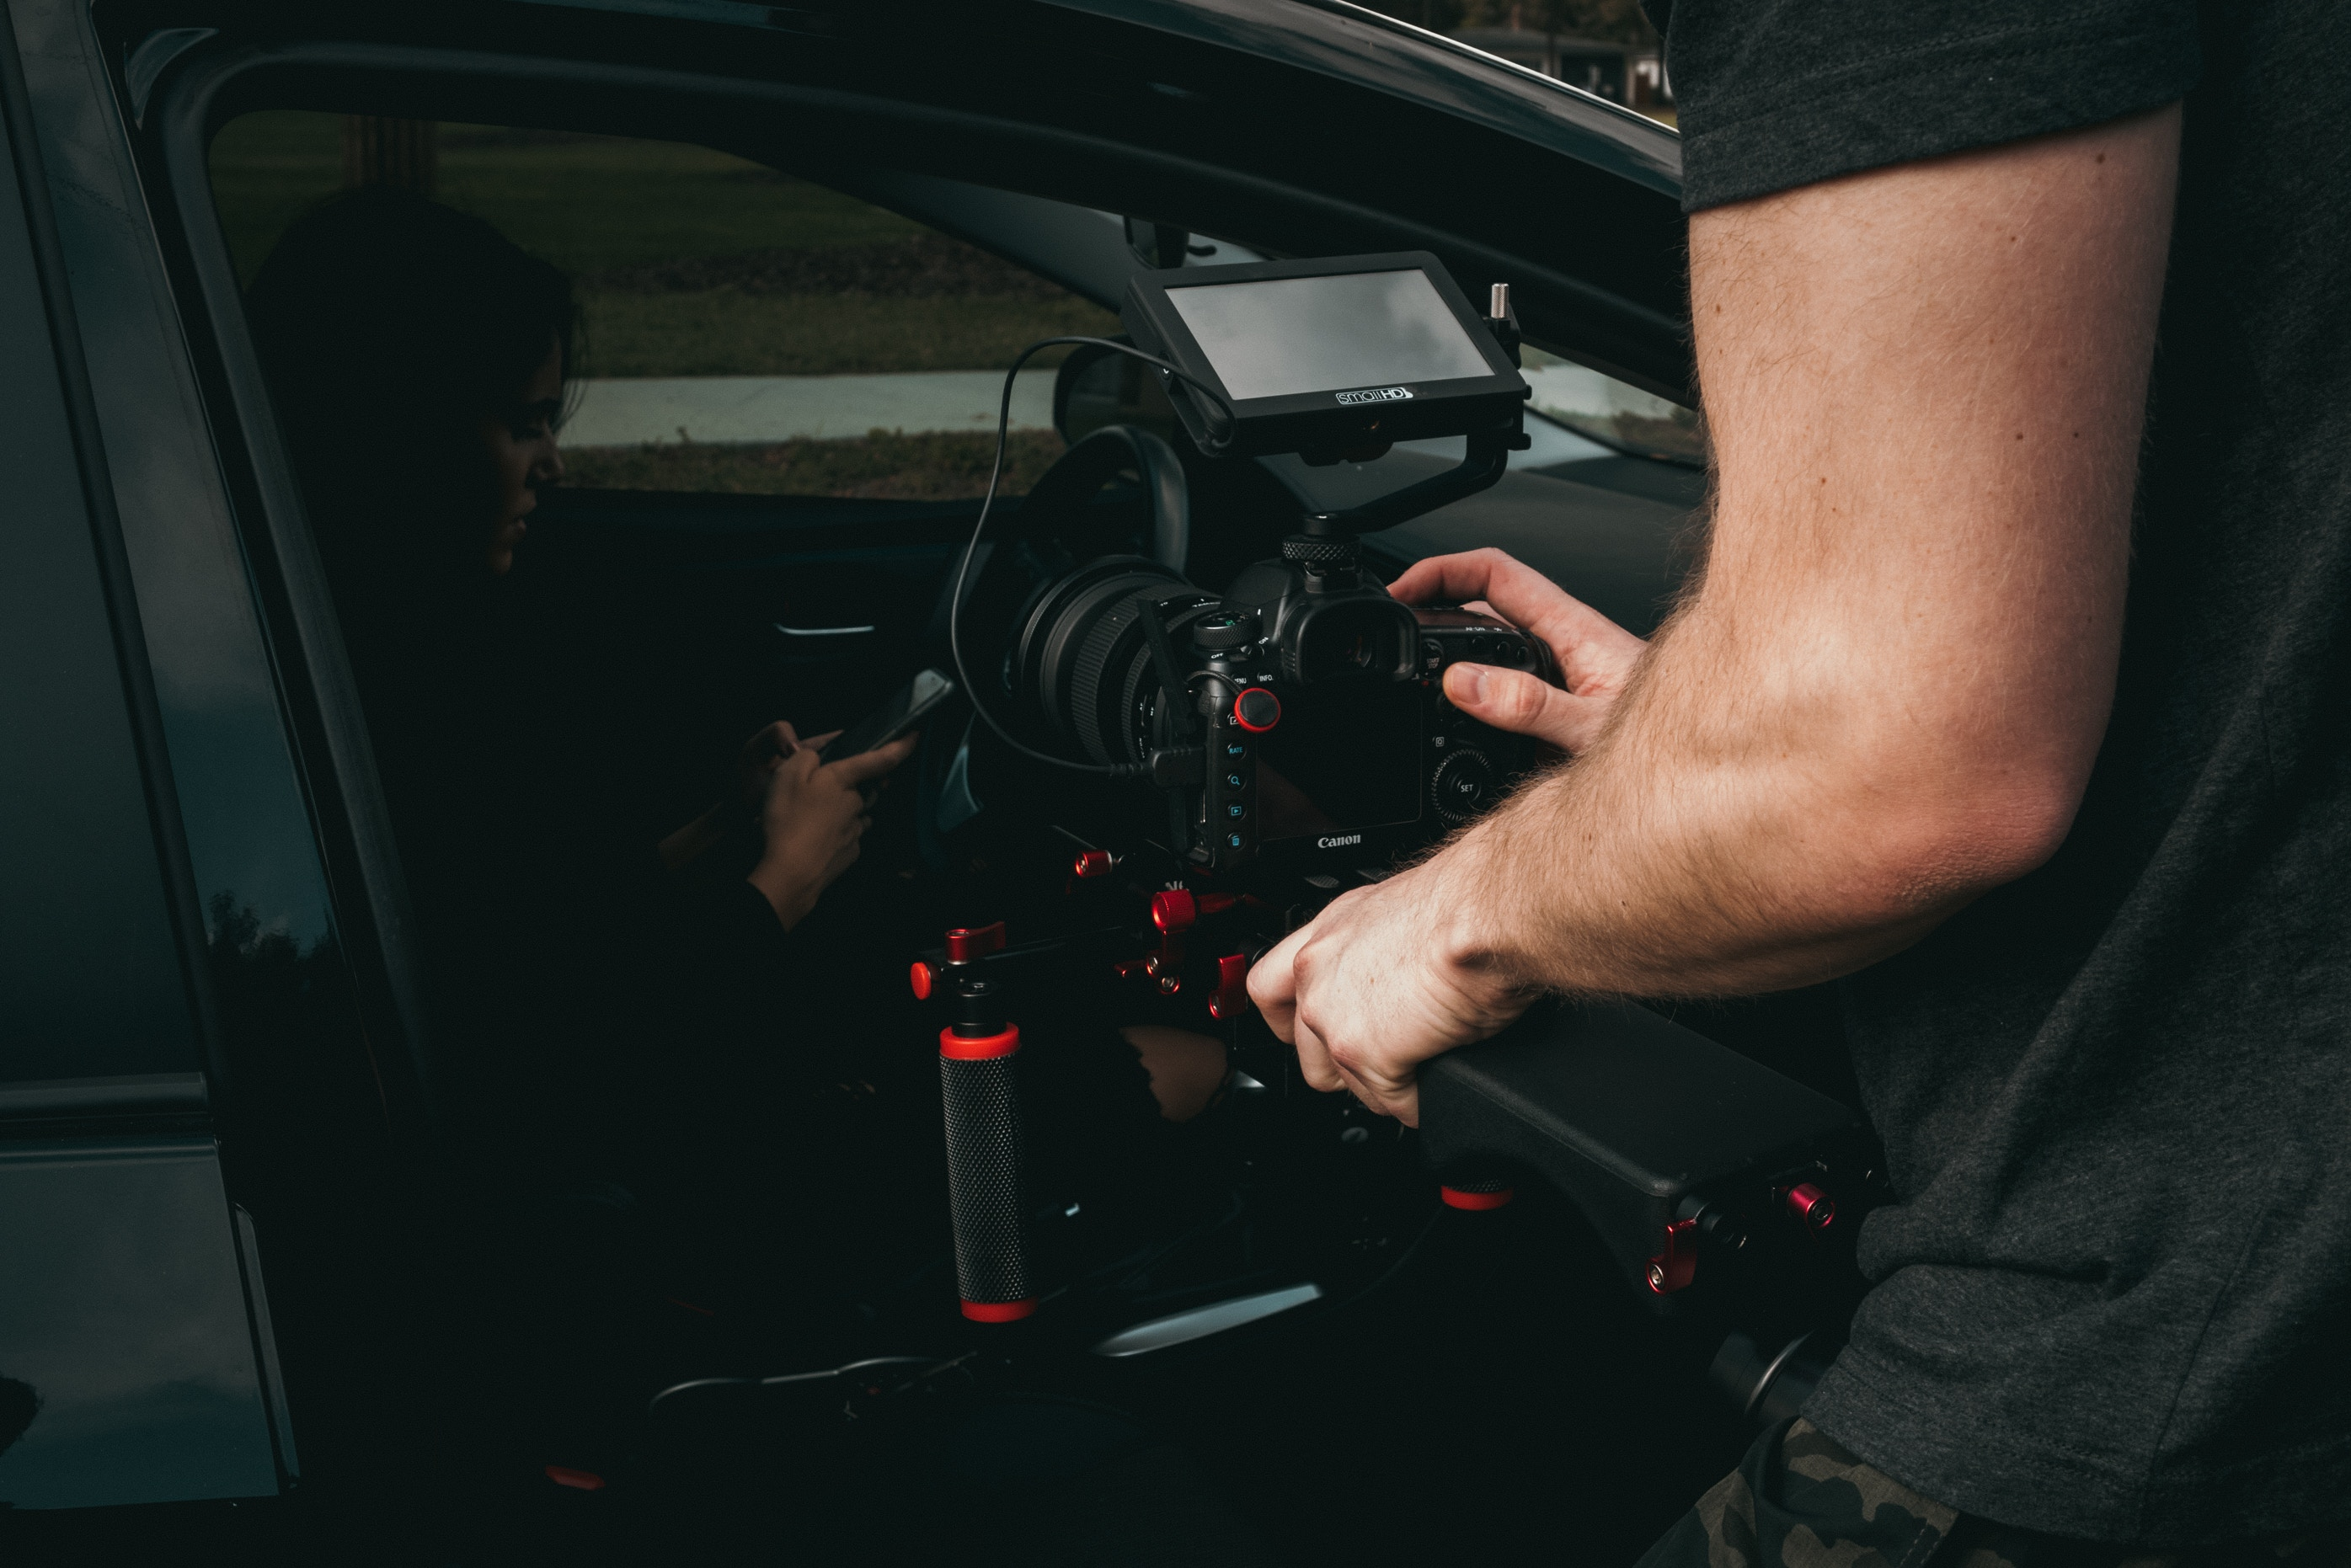 attrezzatura per ripresa video con la reflex